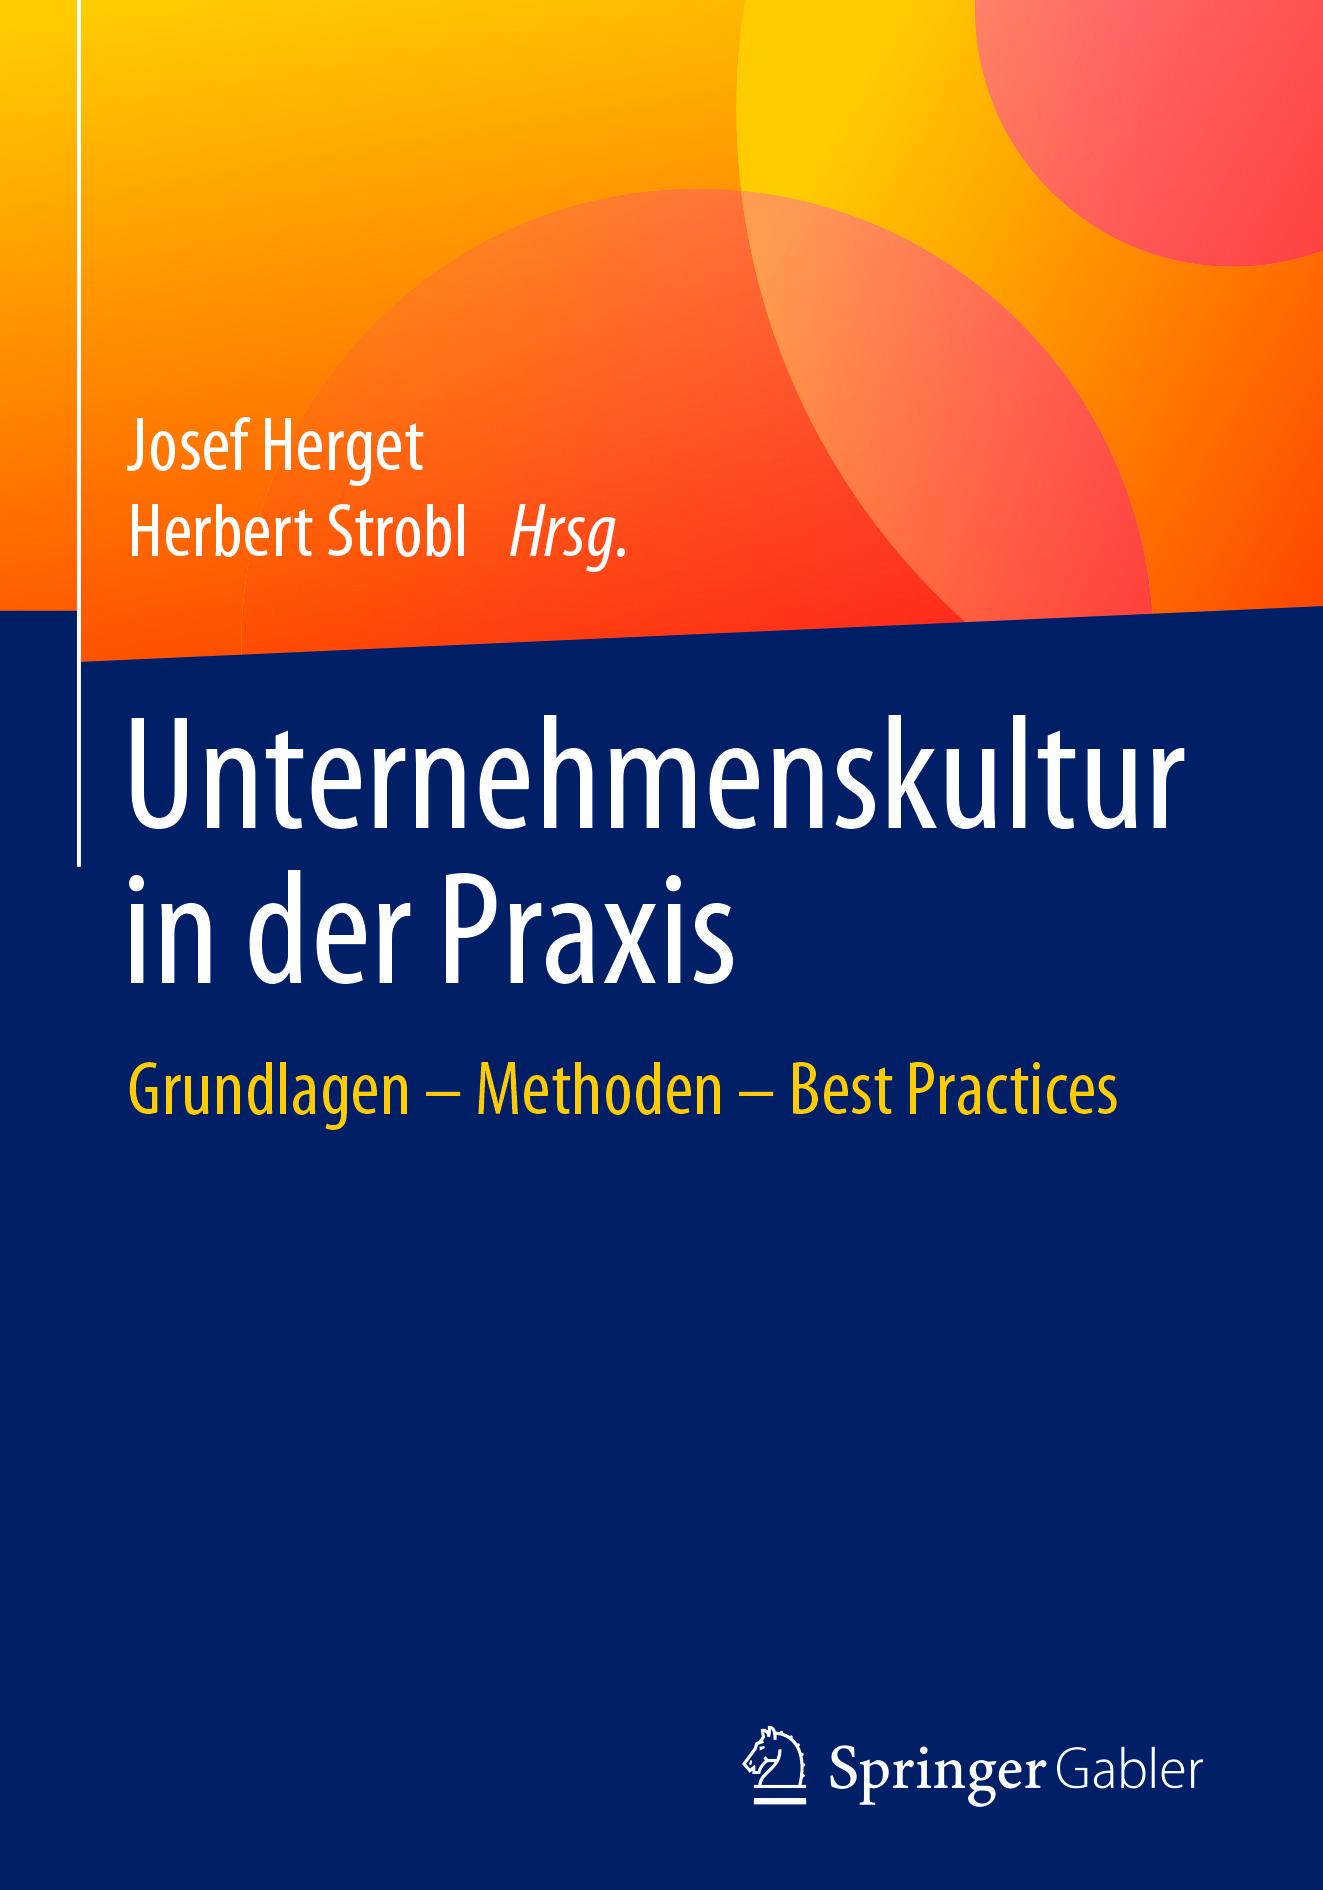 Herget, Josef - Unternehmenskultur in der Praxis, ebook